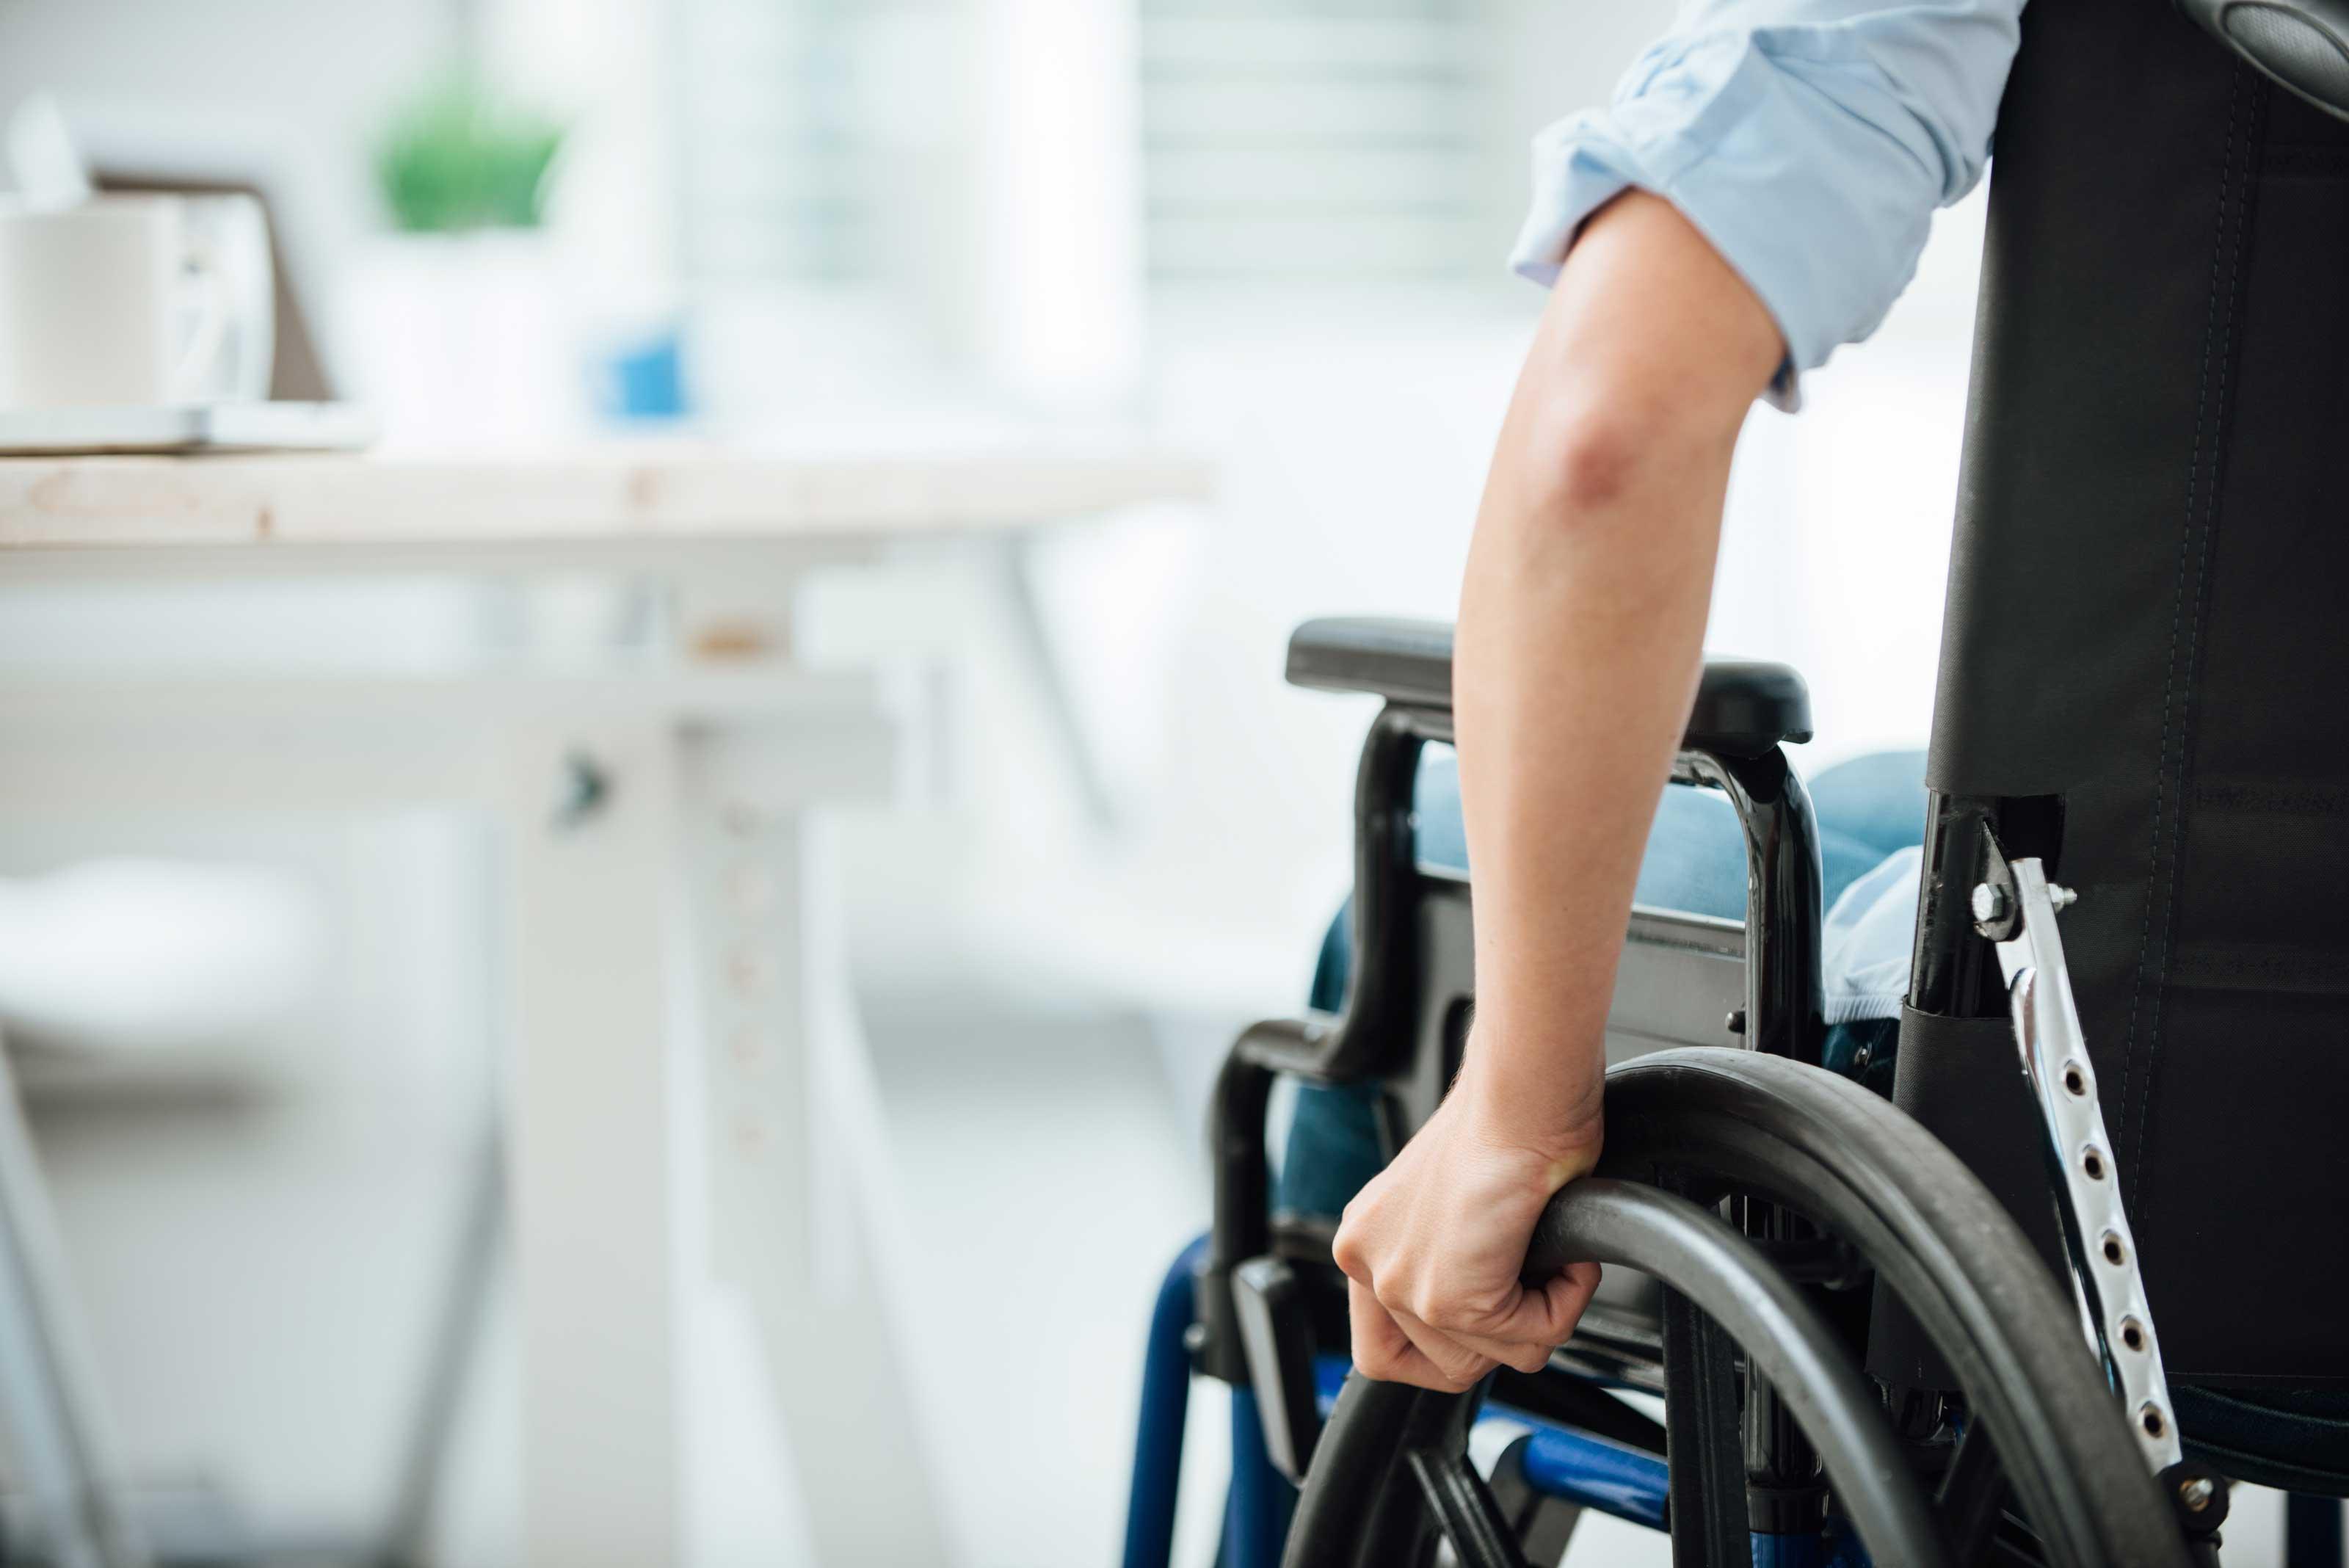 Los 4 requisitos básicos para reclamar la invalidez laboral absoluta